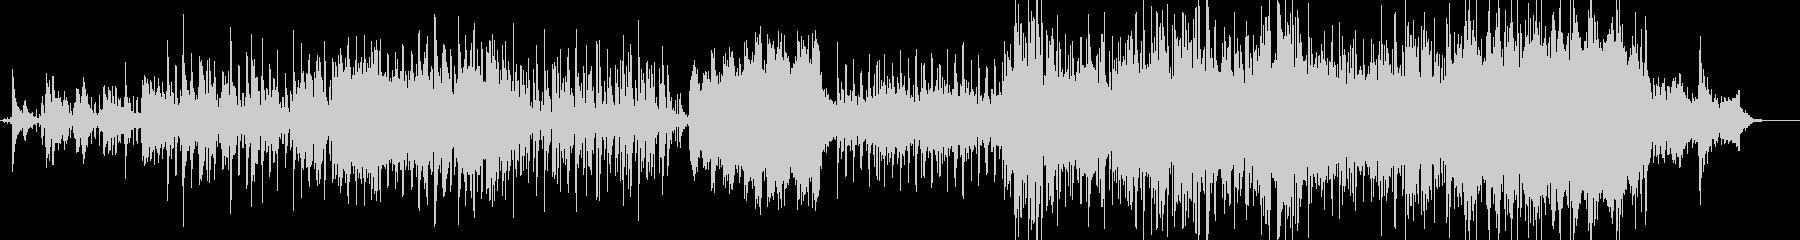 ピアノとアコギの背景的音楽の未再生の波形